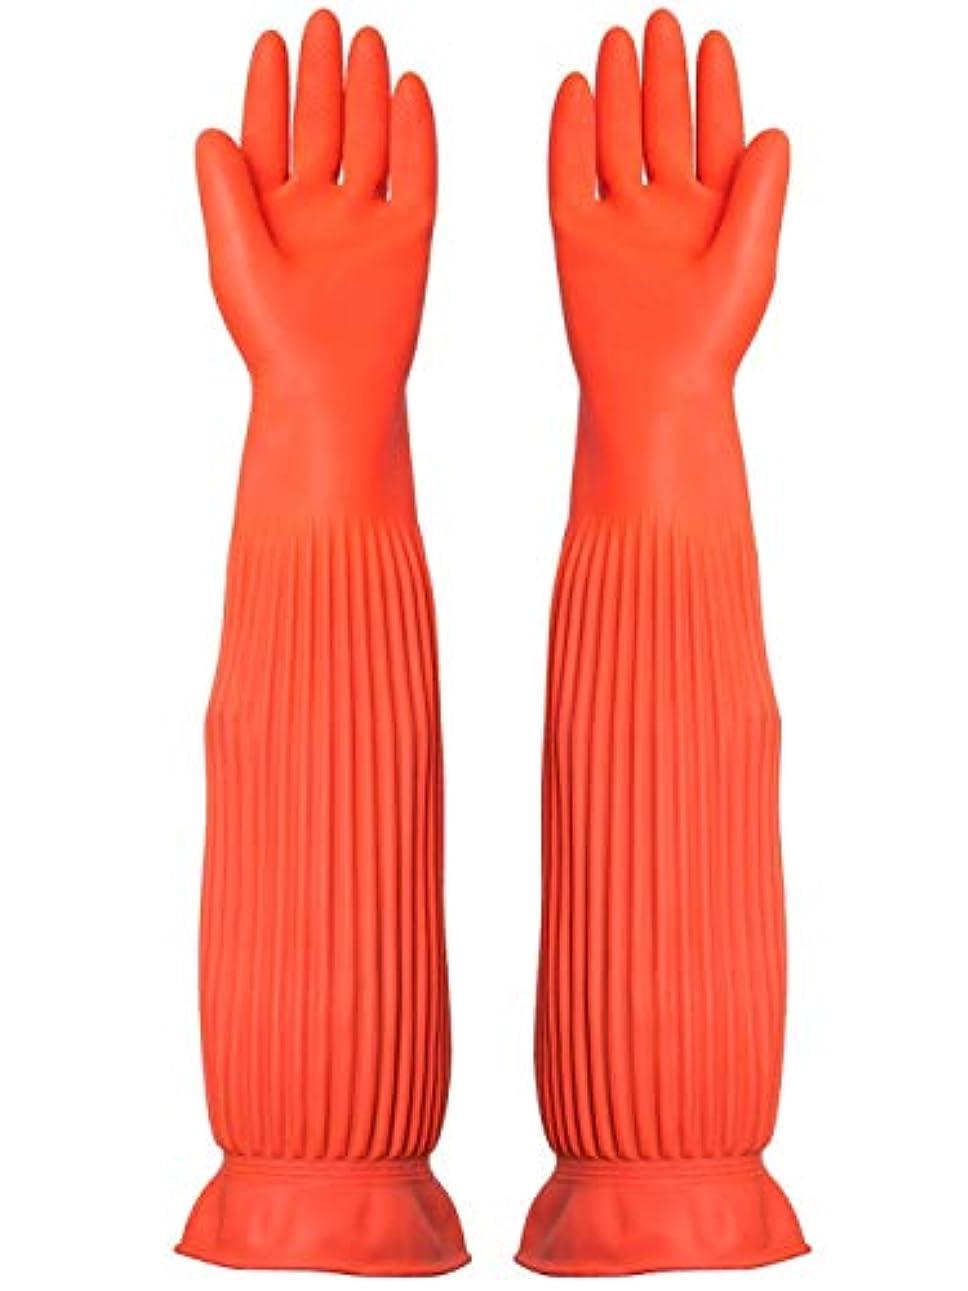 マッシュ十代作り使い捨て手袋 労働保険手袋長い防水ゴム厚の耐摩耗性ゴム手袋、1ペア ニトリルゴム手袋 (Color : ORANGE, Size : M)